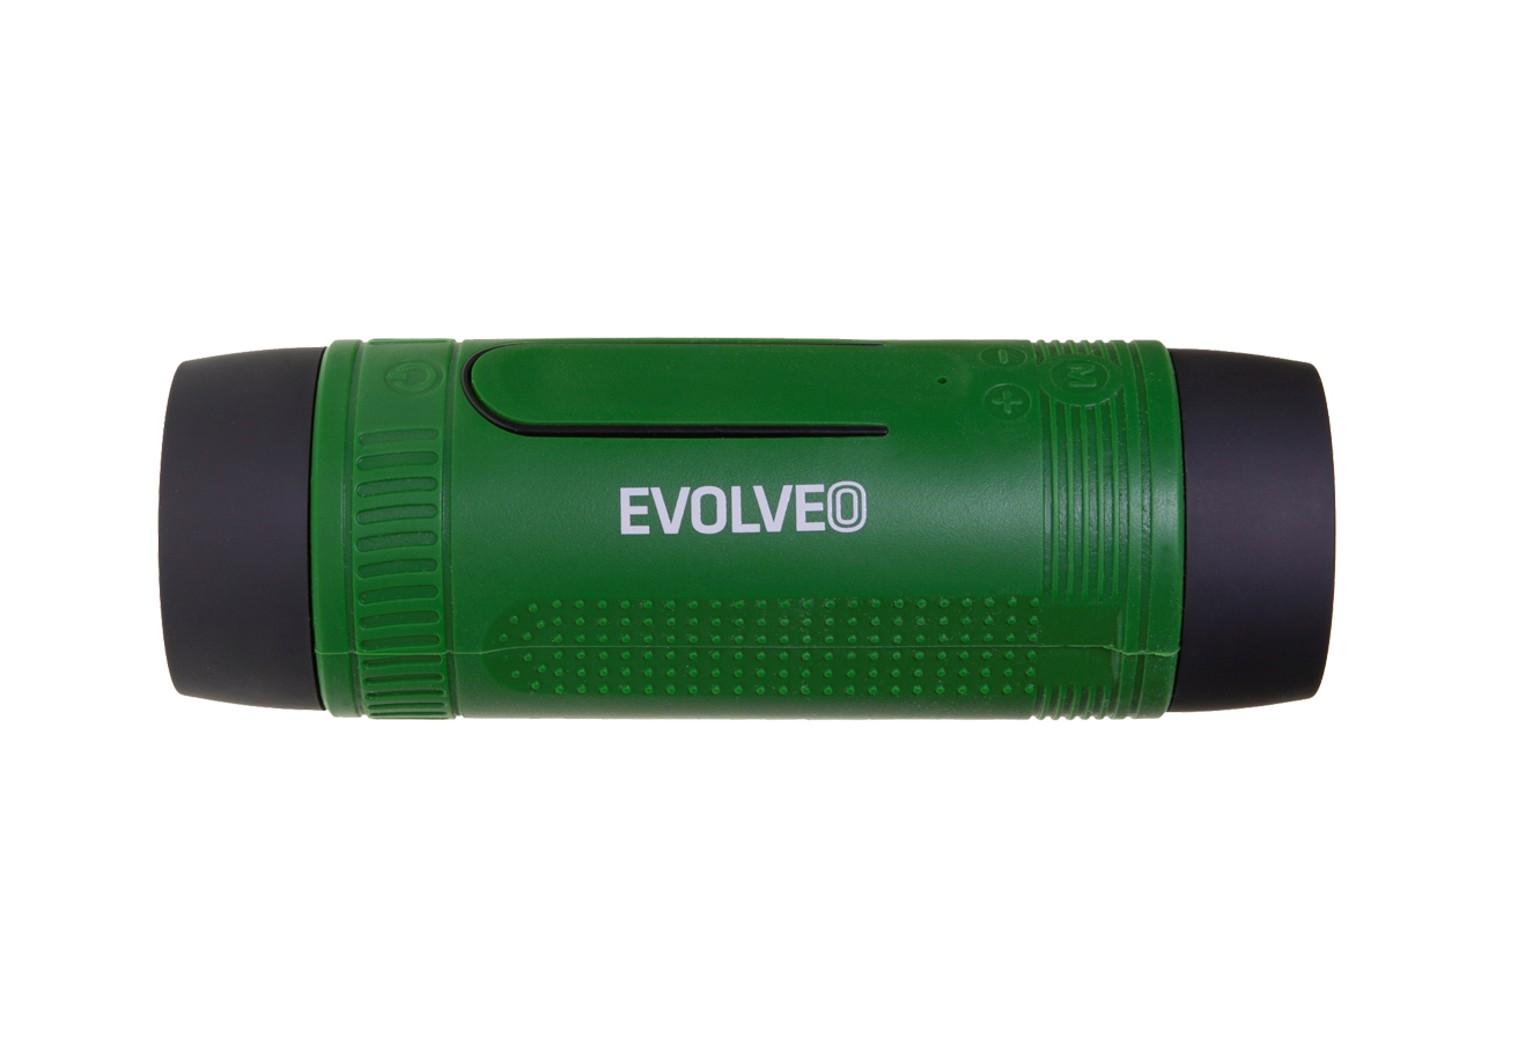 EVOLVEO Armor XL4, outdoorový Bluetooth reproduktor a MP3 přehrávač, BT4.0, LED svítilna, zelený